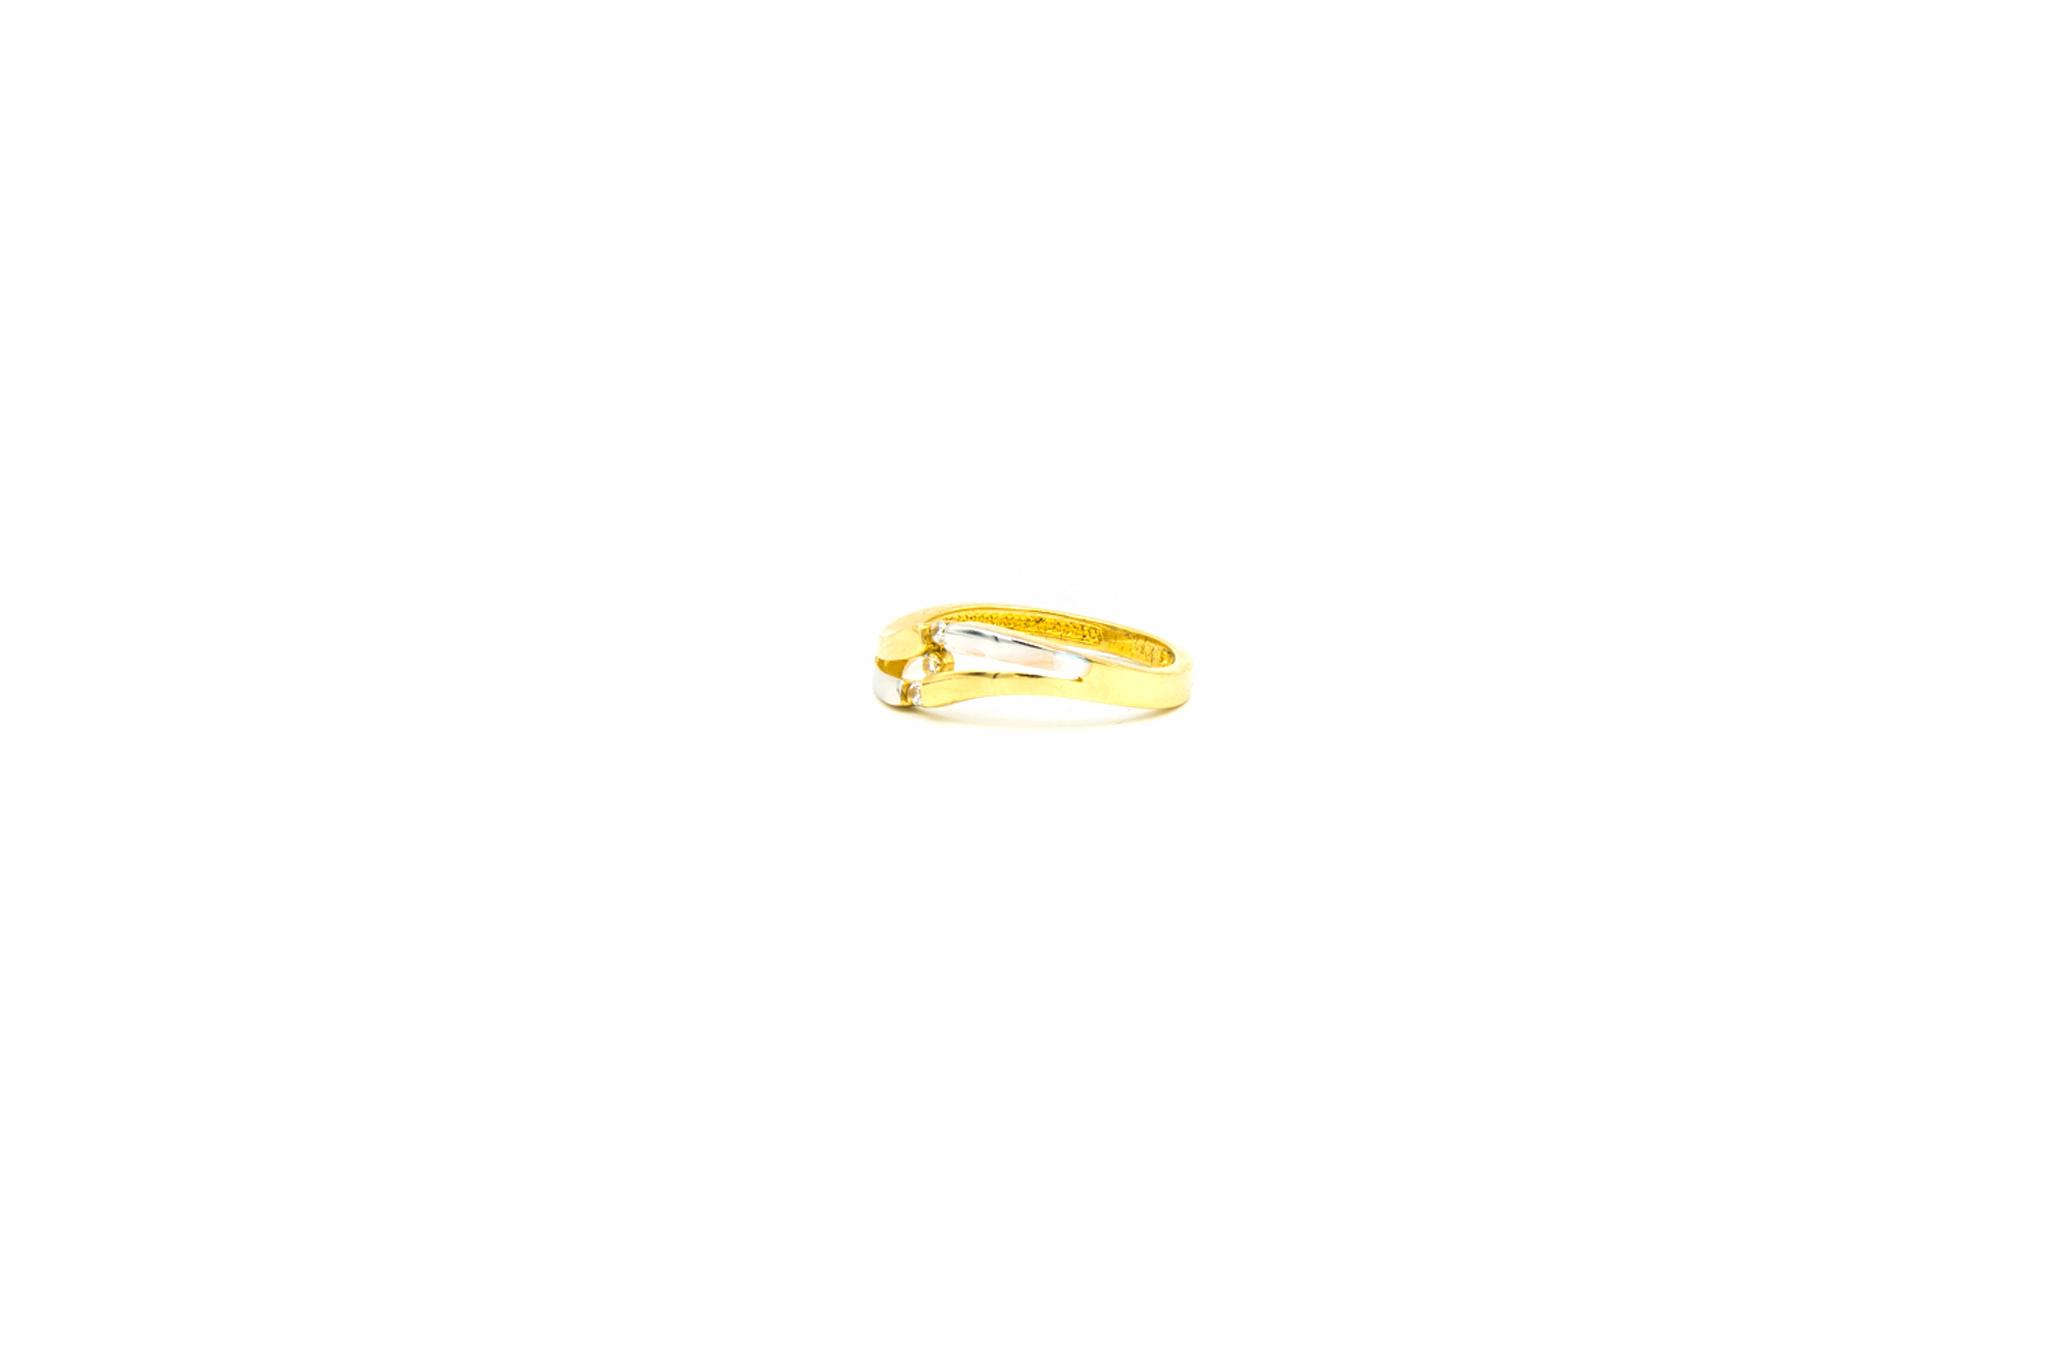 Ring slag bezet met 3 zirkonia's, bicolor-2